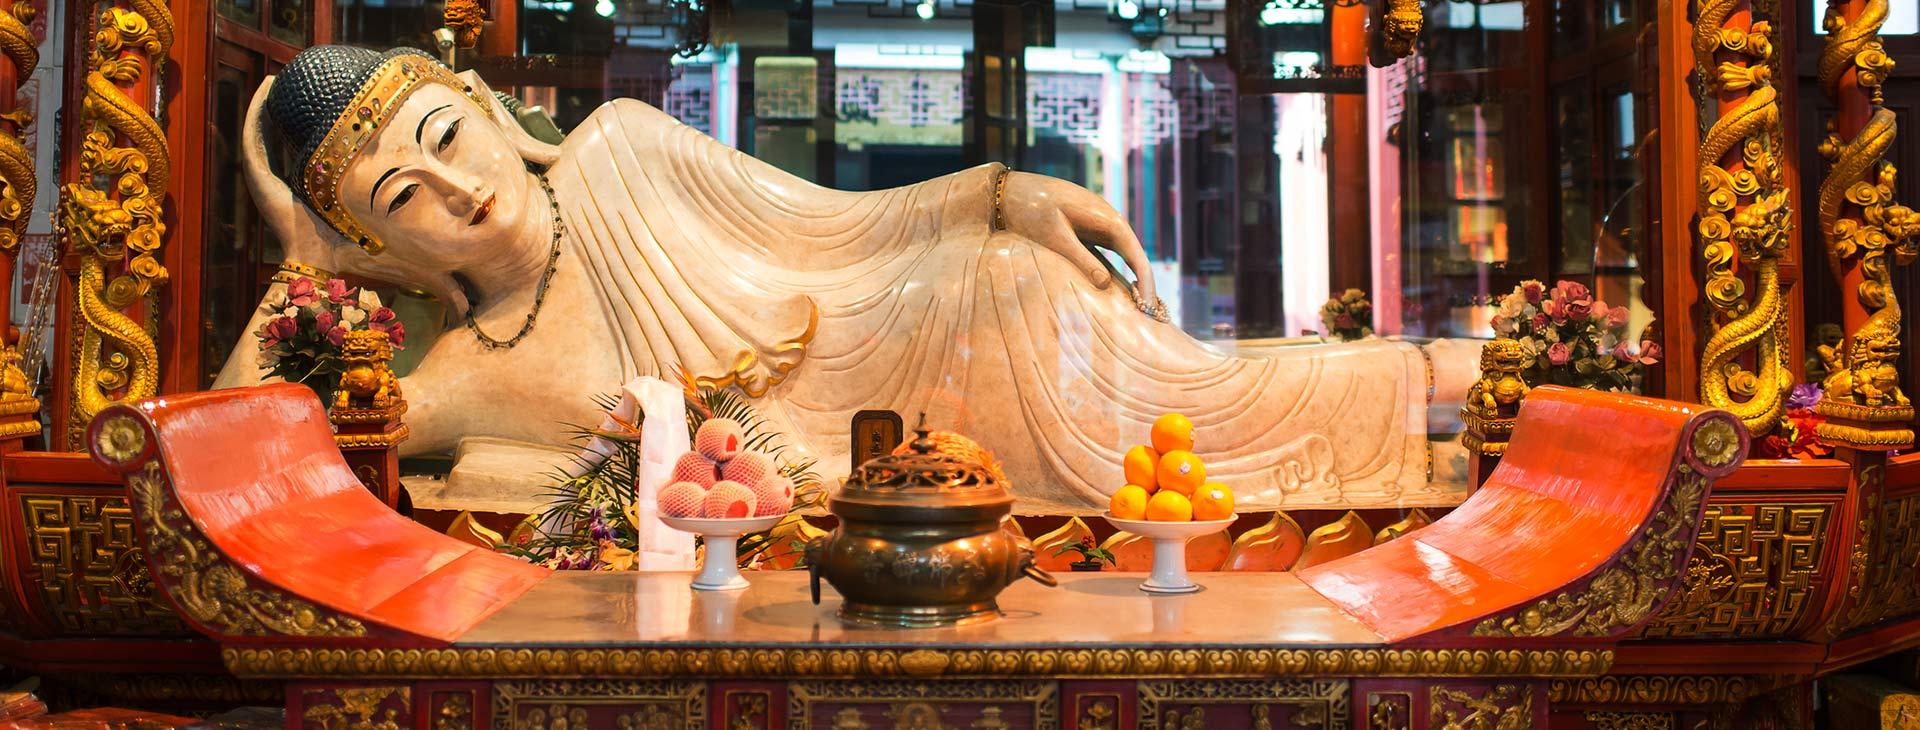 Chiny - w krainie złotego smoka de luxe Chiny Wyc. objazdowe